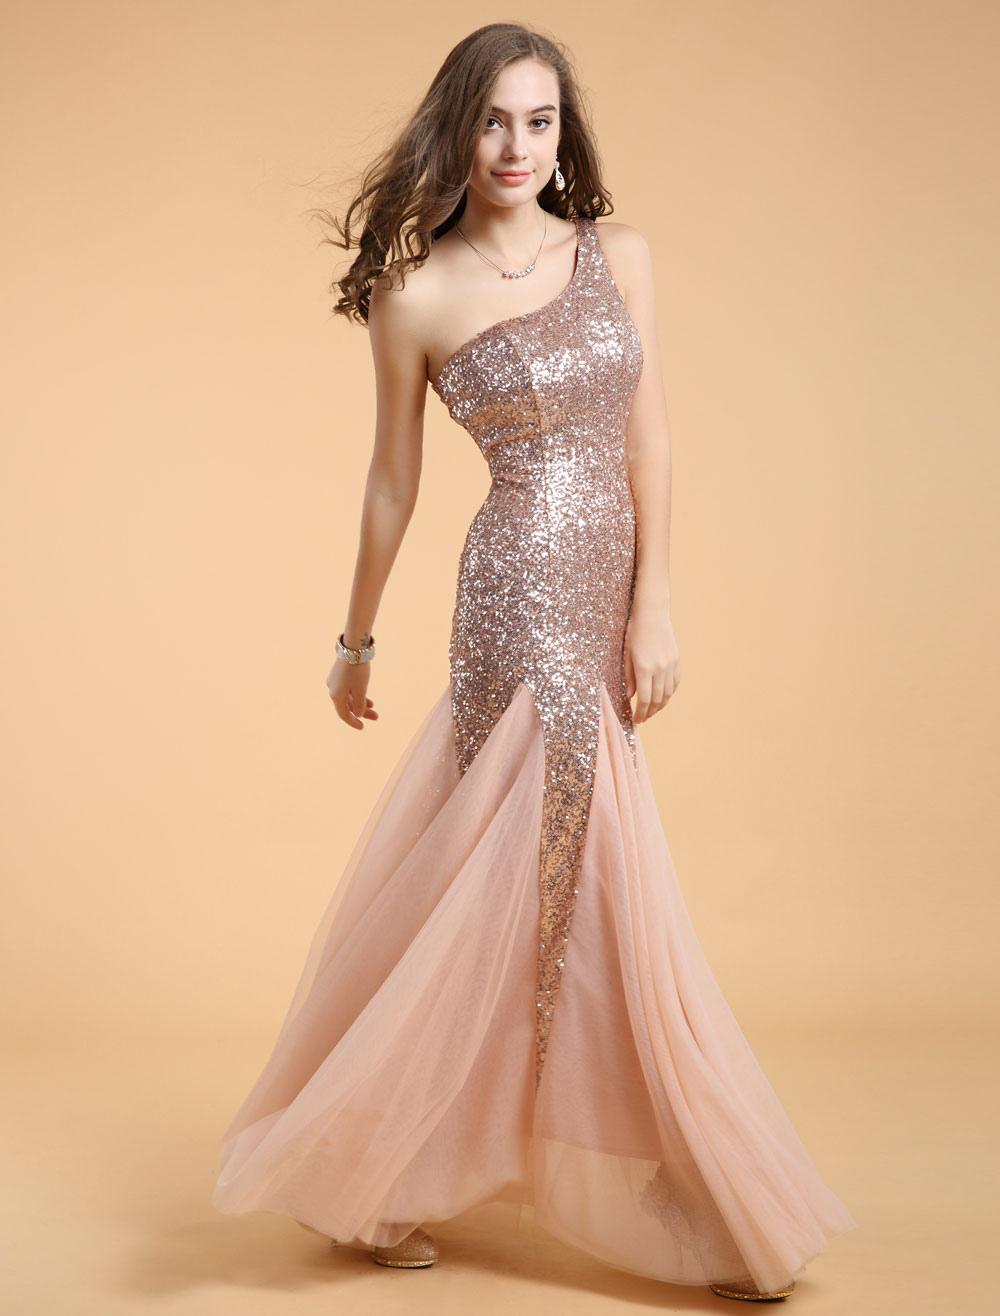 Nude One-Shoulder Sequined Long Dress - Milanoo.com f65451e18